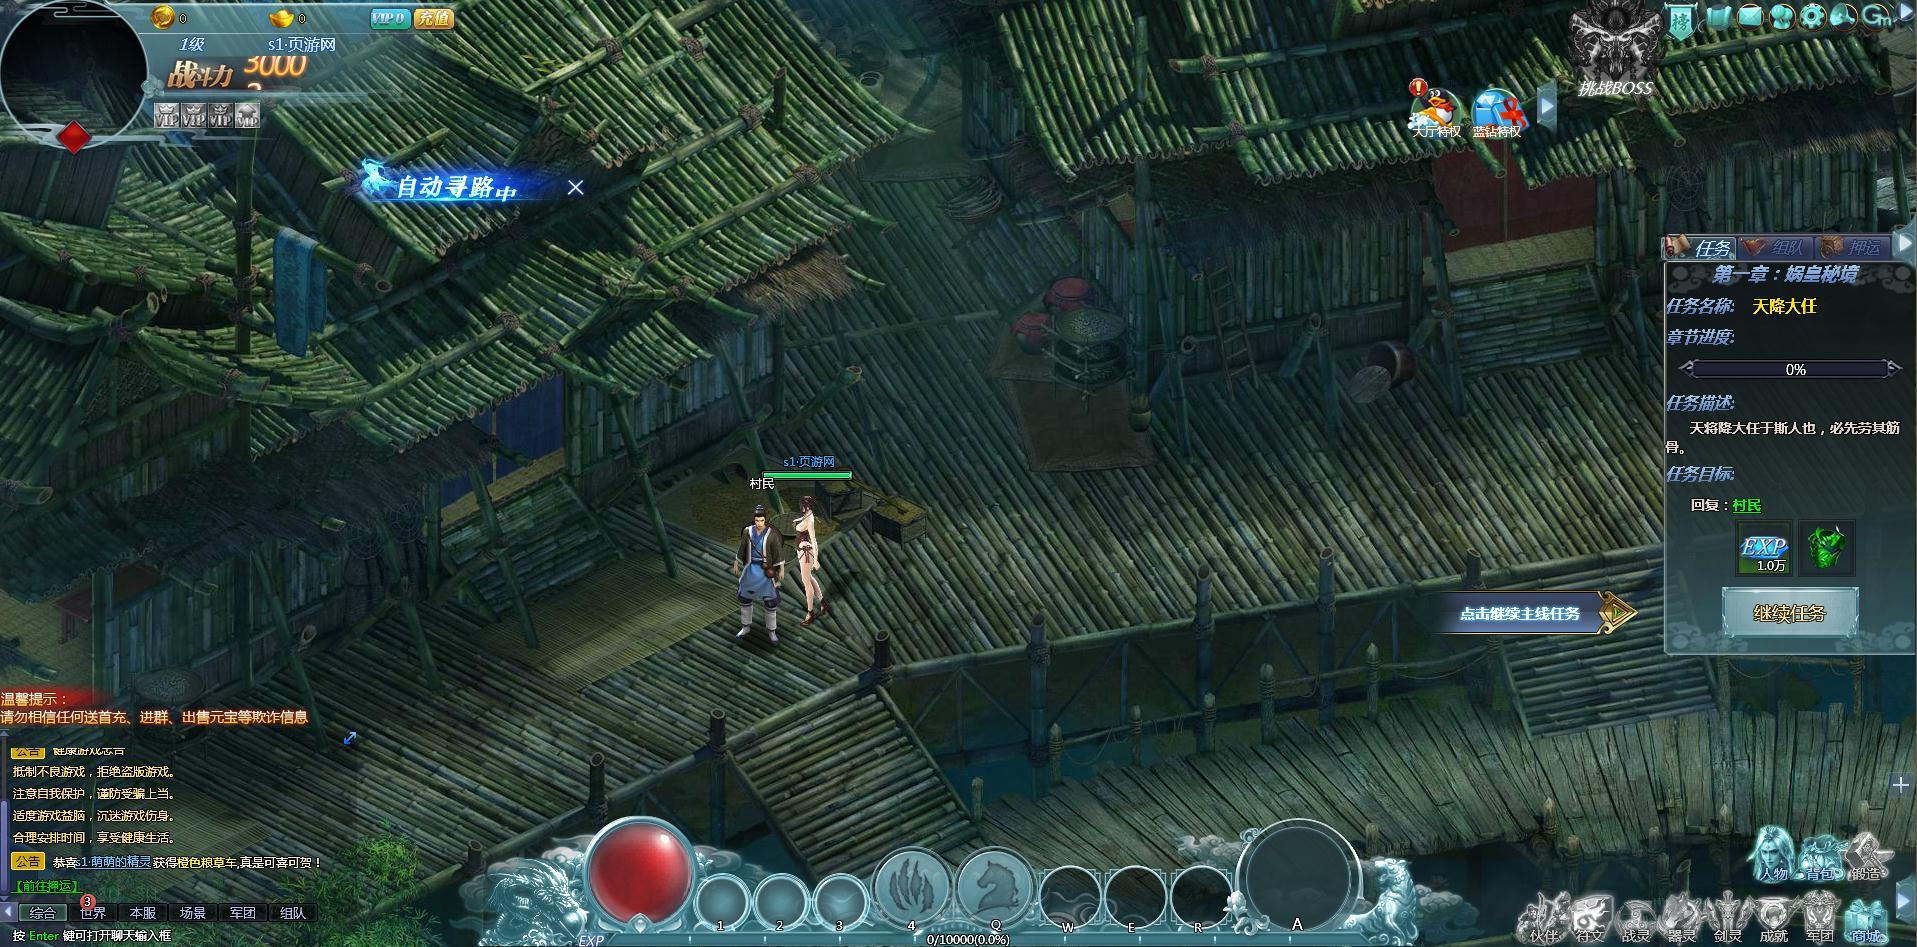 《天骄无双》游戏截图